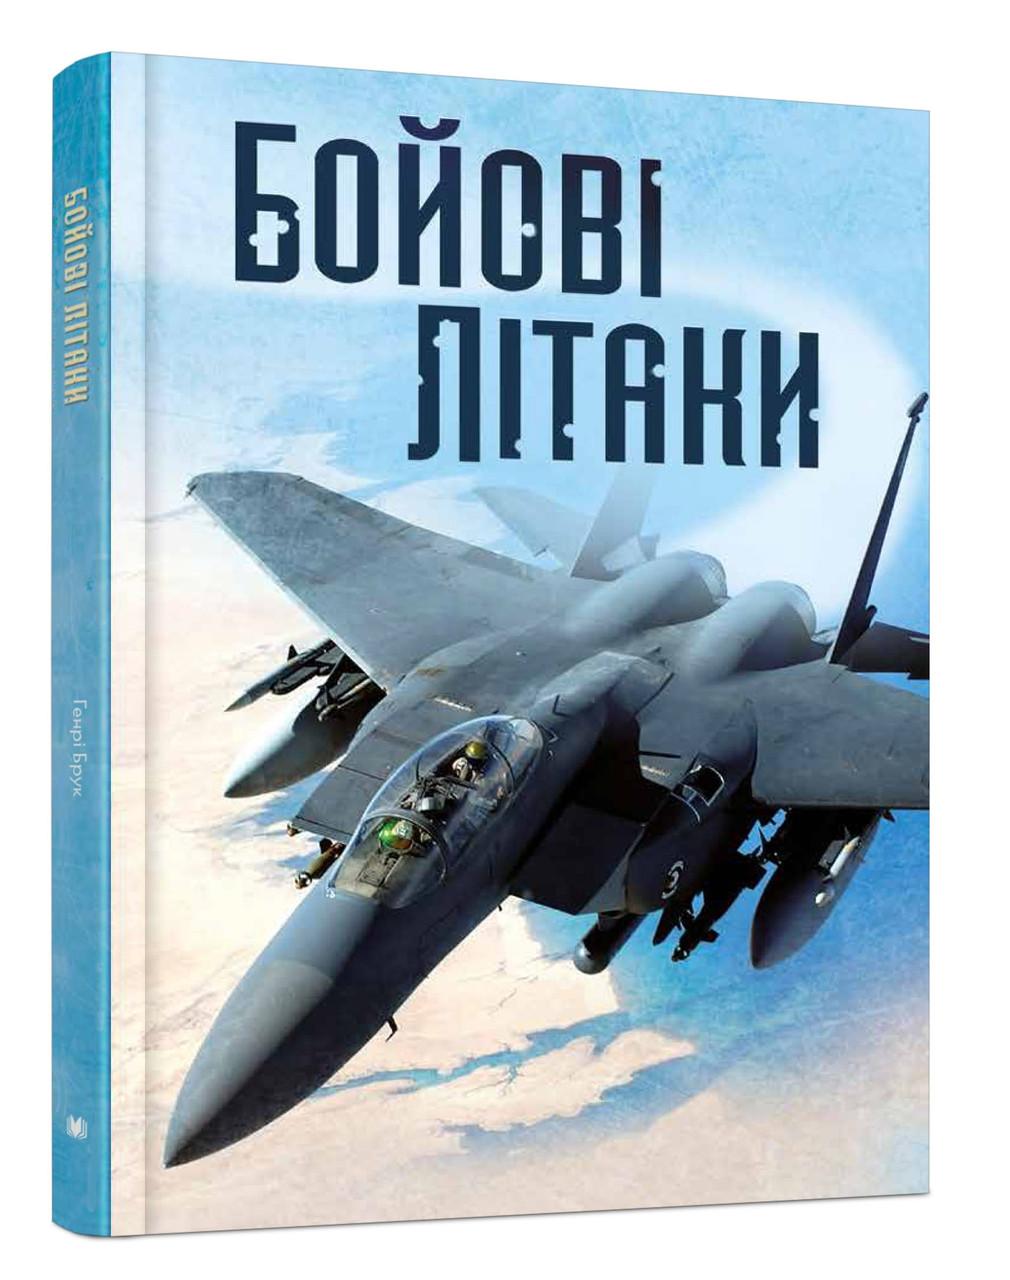 Хочу все знати. Бойові літаки. Автор Генрі Брук